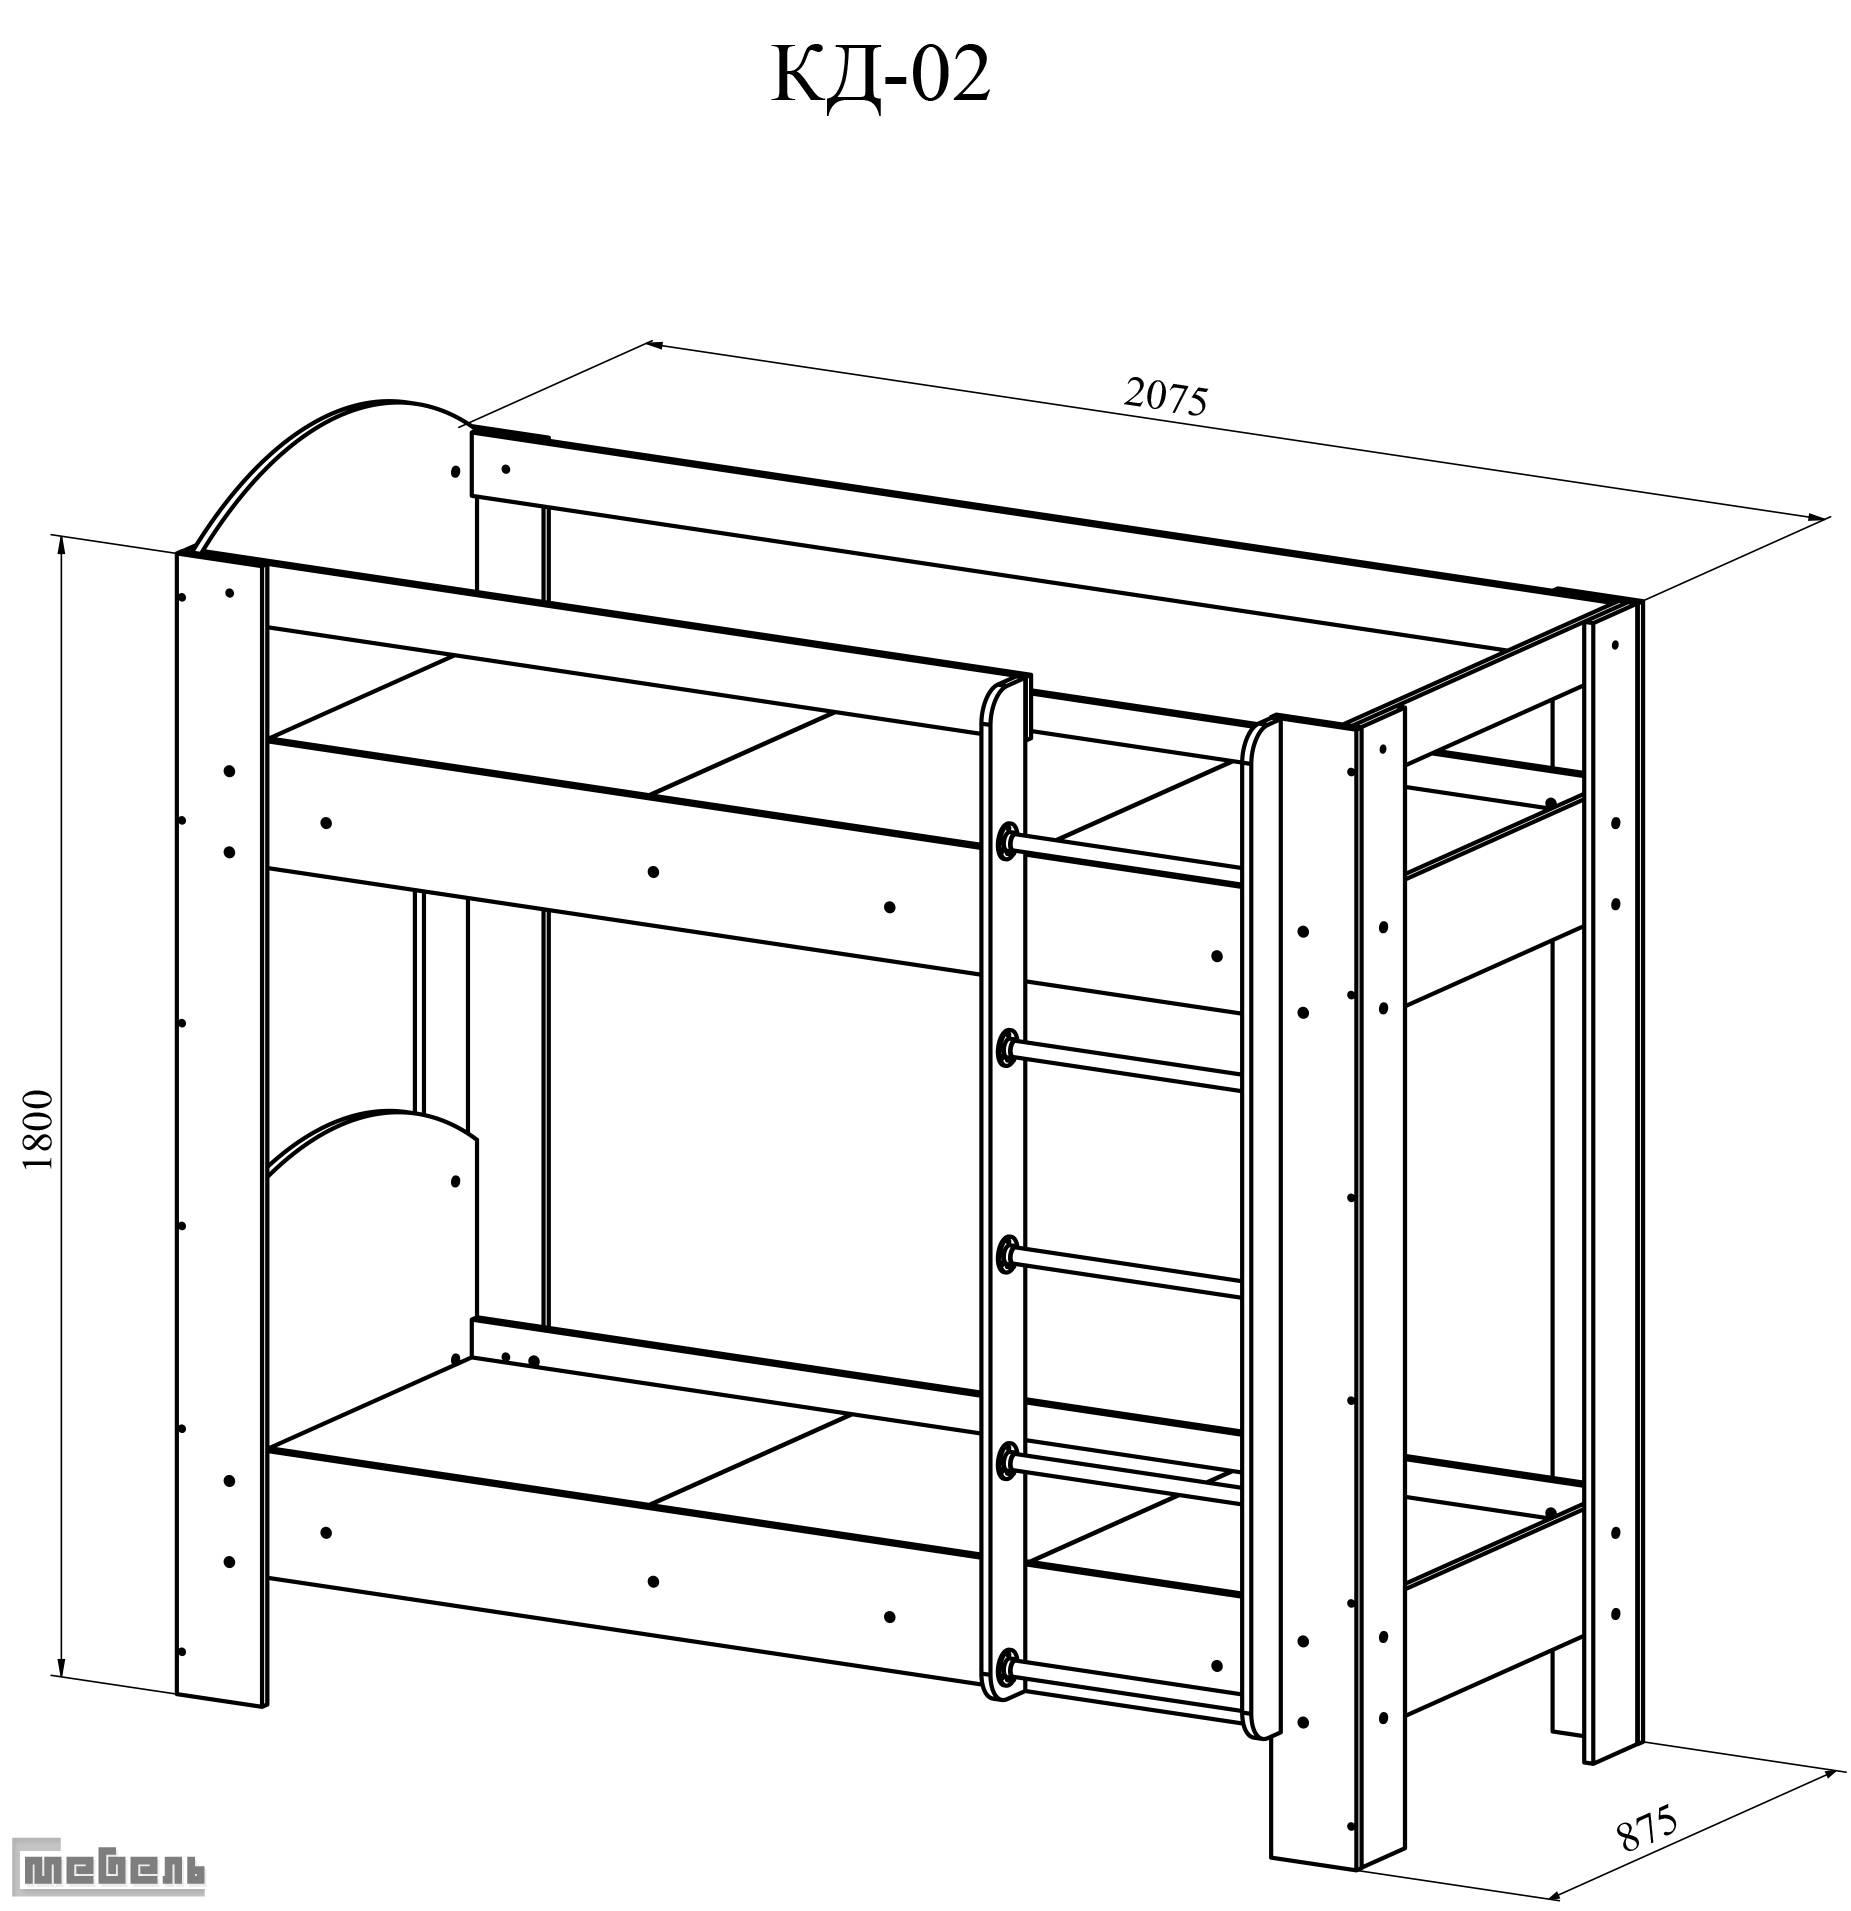 Кровать под потолком: разновидности кроватей-чердаков, чертёж и размеры, необходимые материалы, фурнитура и крепежи, используемые инструменты